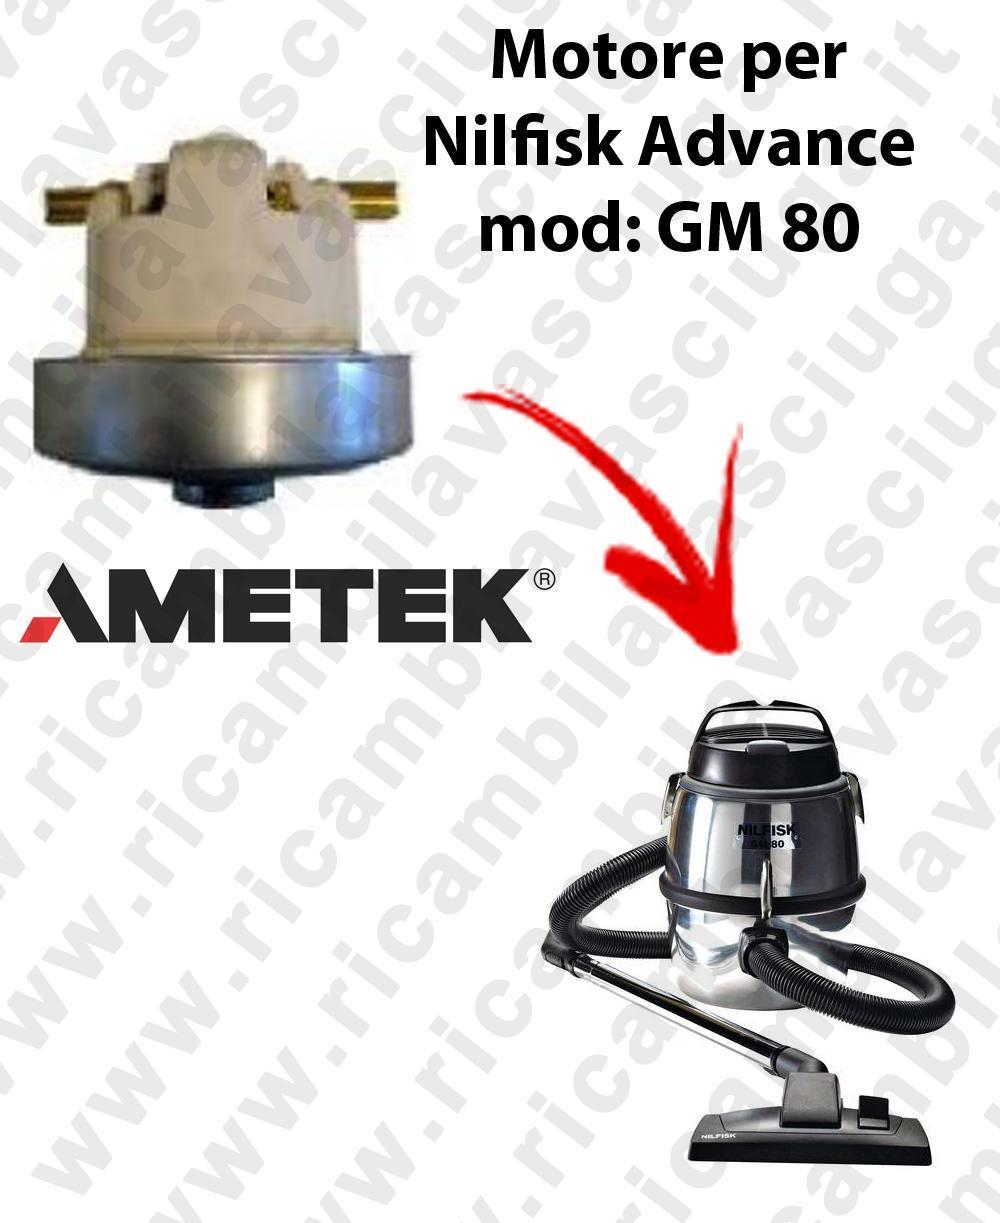 GM 80  MOTEUR ASPIRATION AMETEK  pour aspirateur Nilfisk Advance